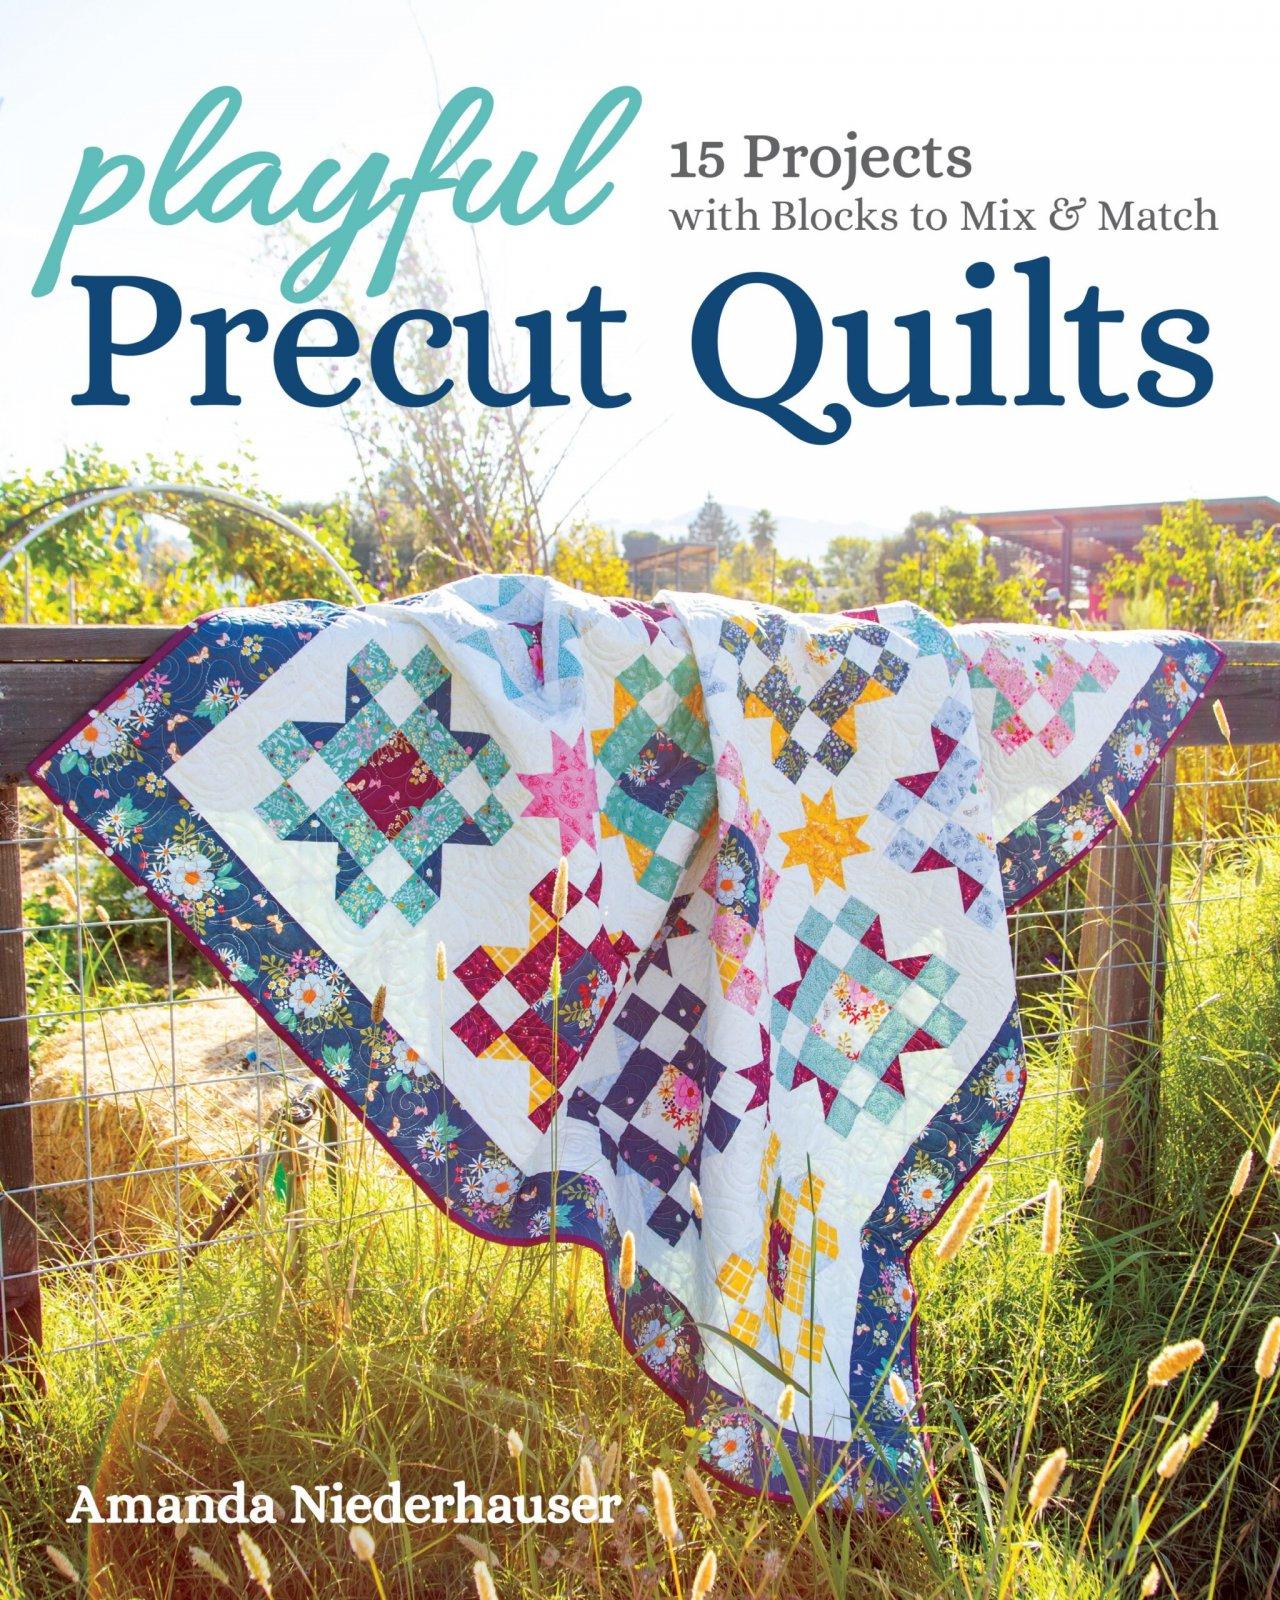 Playful Precut Quilts